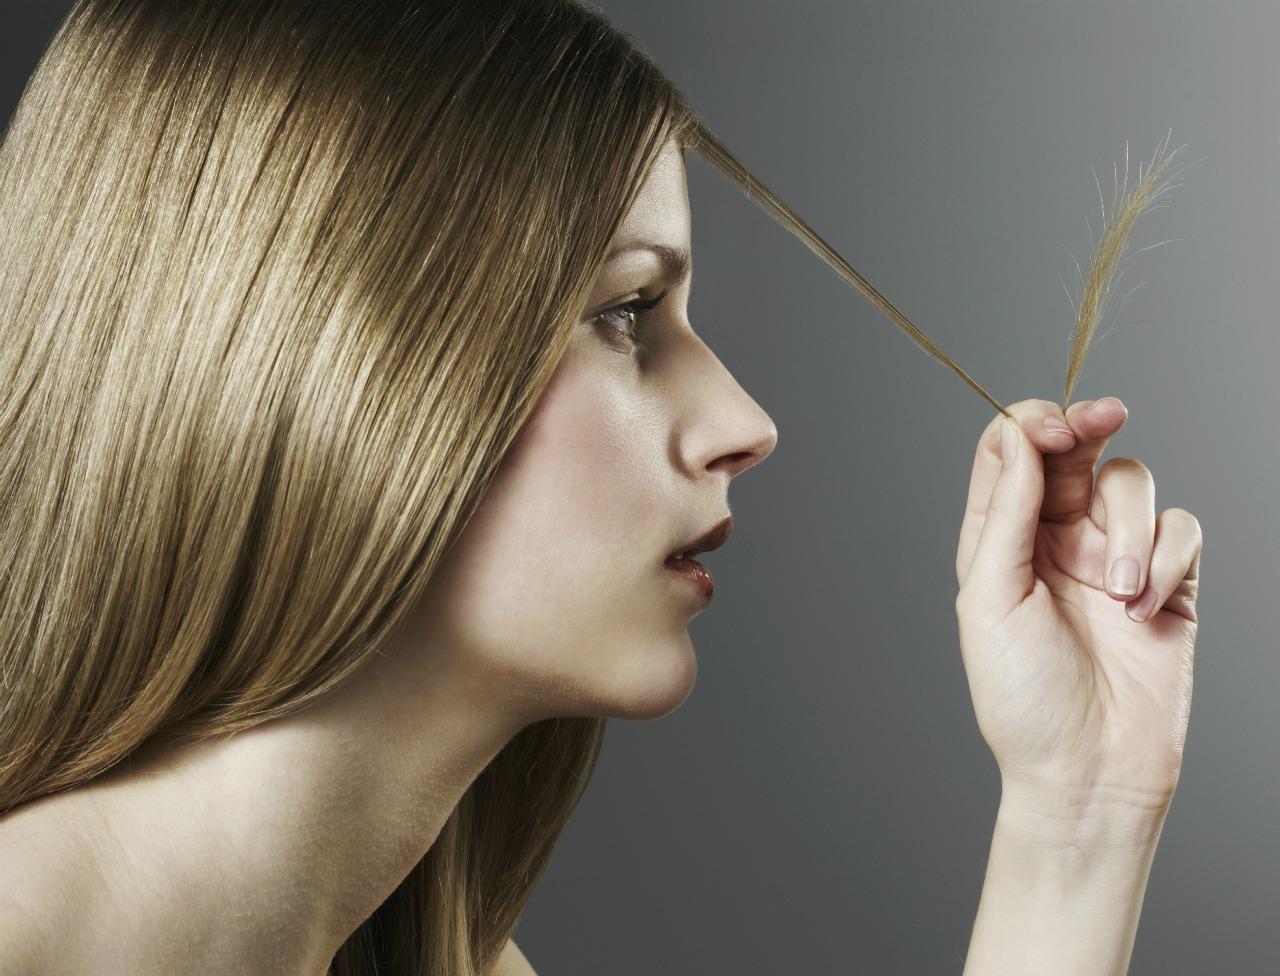 Cheveux très abimés : faut-il forcément les couper ?